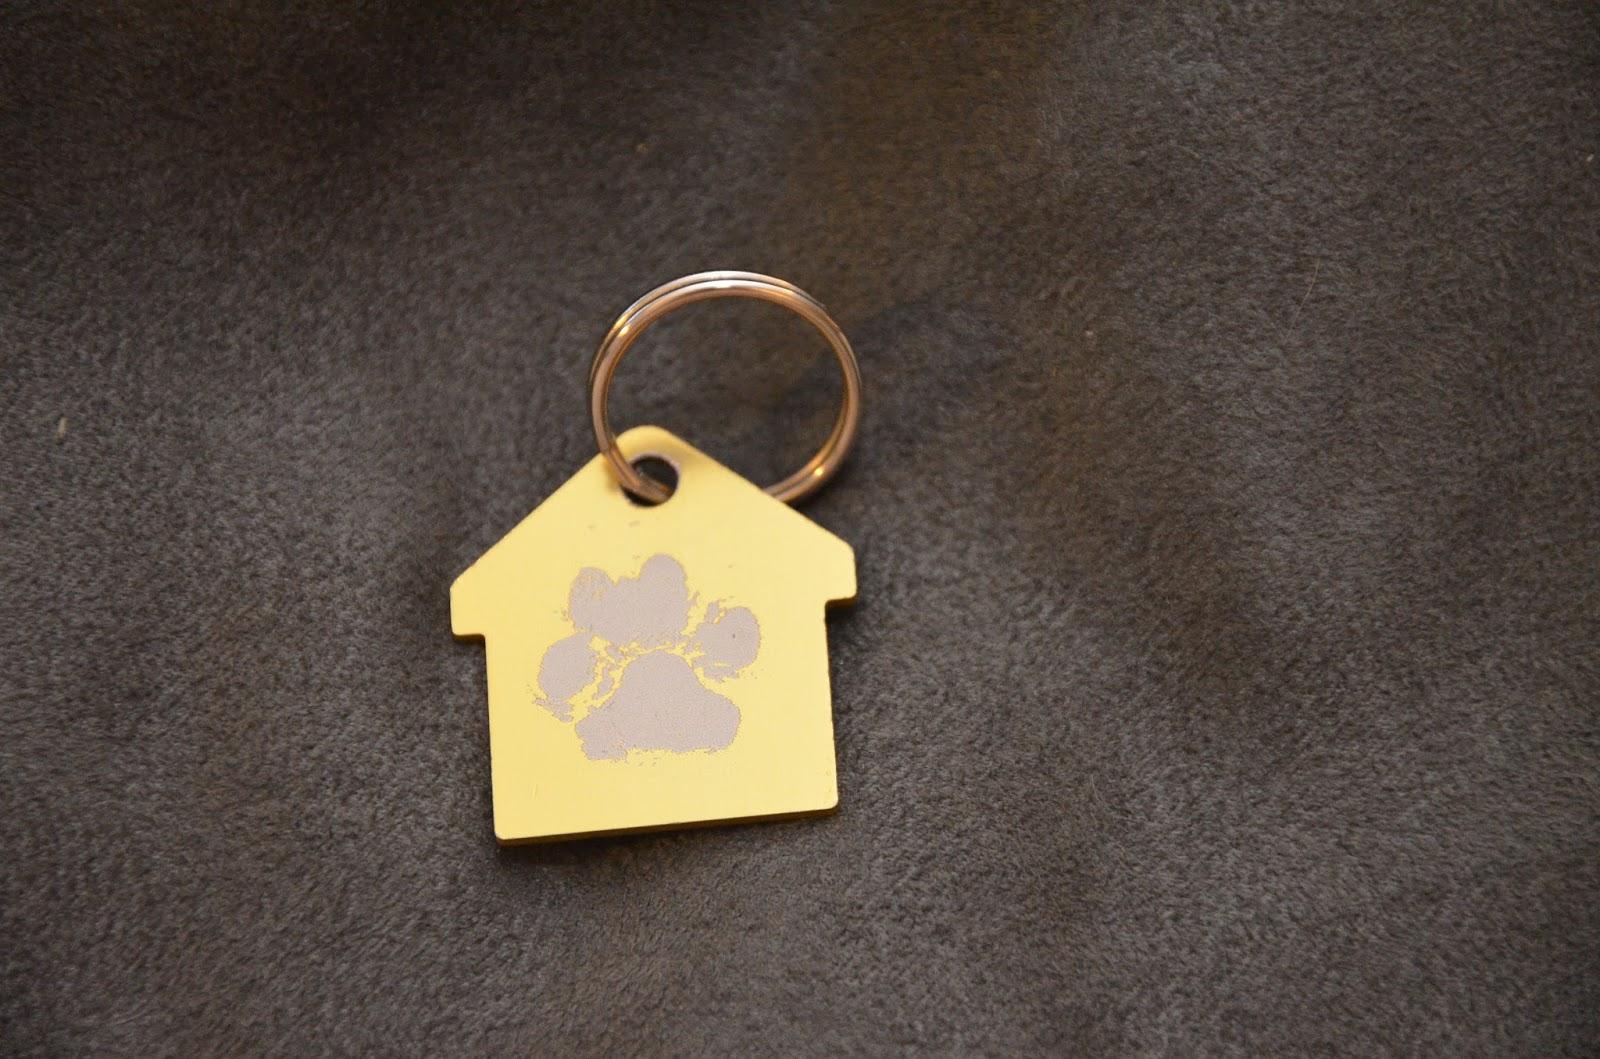 medaille de chien granby Bien choisir  jolie medaille pour chien